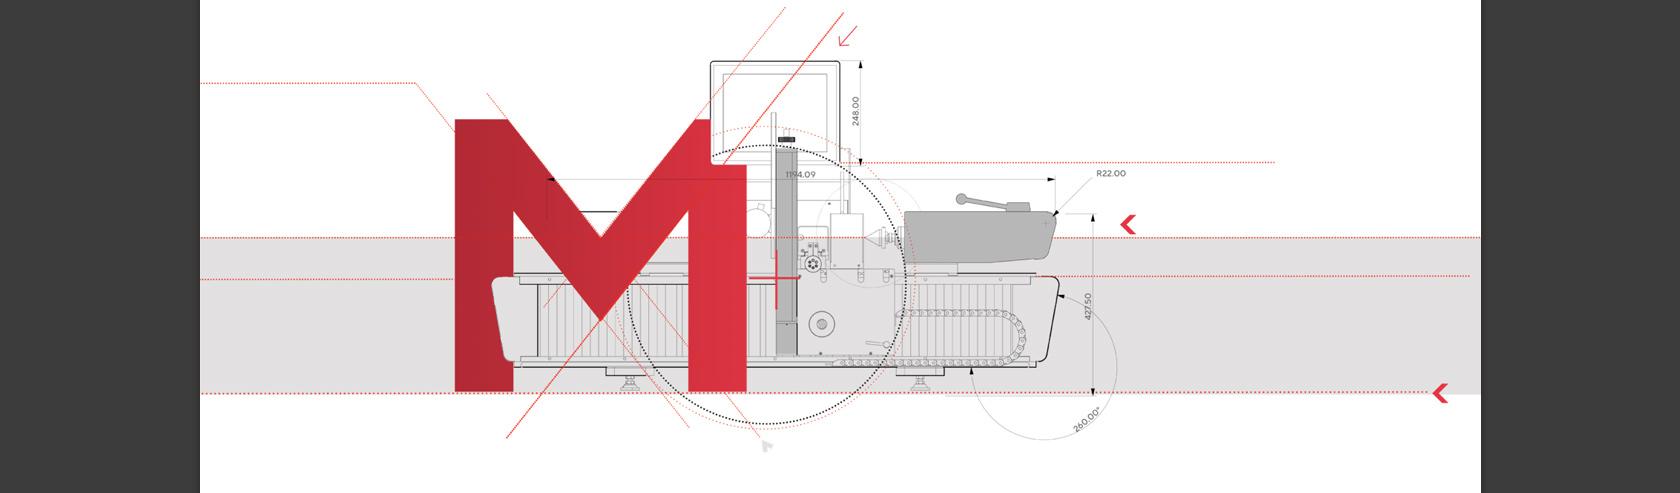 Werbeagentur in Dortmund entwickelt Screendesign für IBB